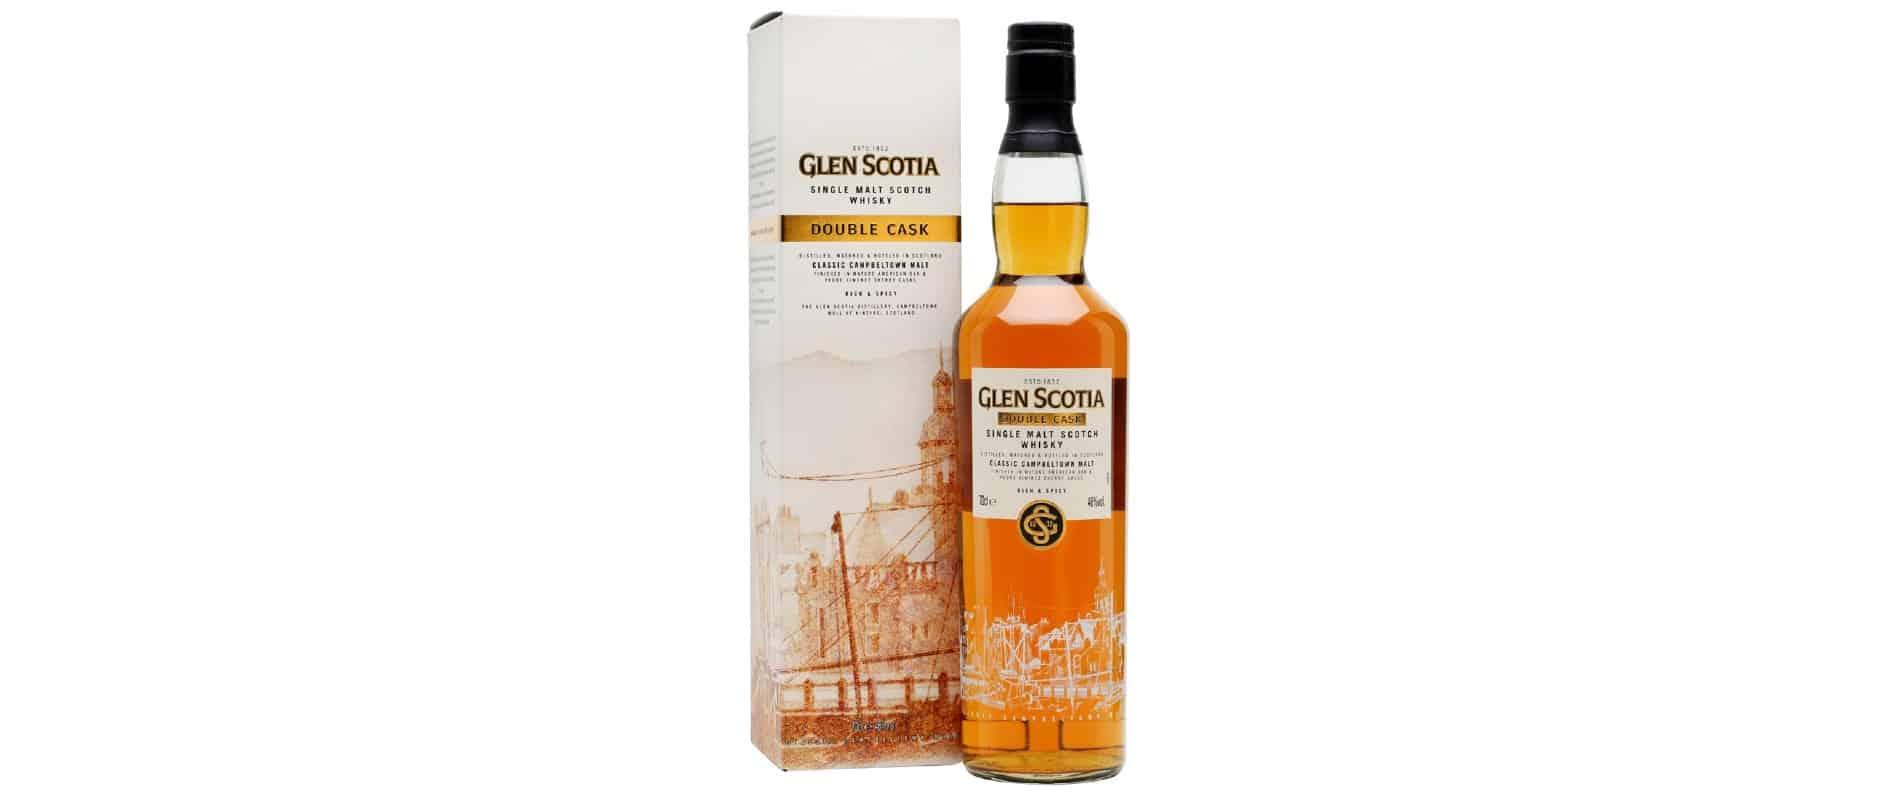 glen scotia double cask 2020